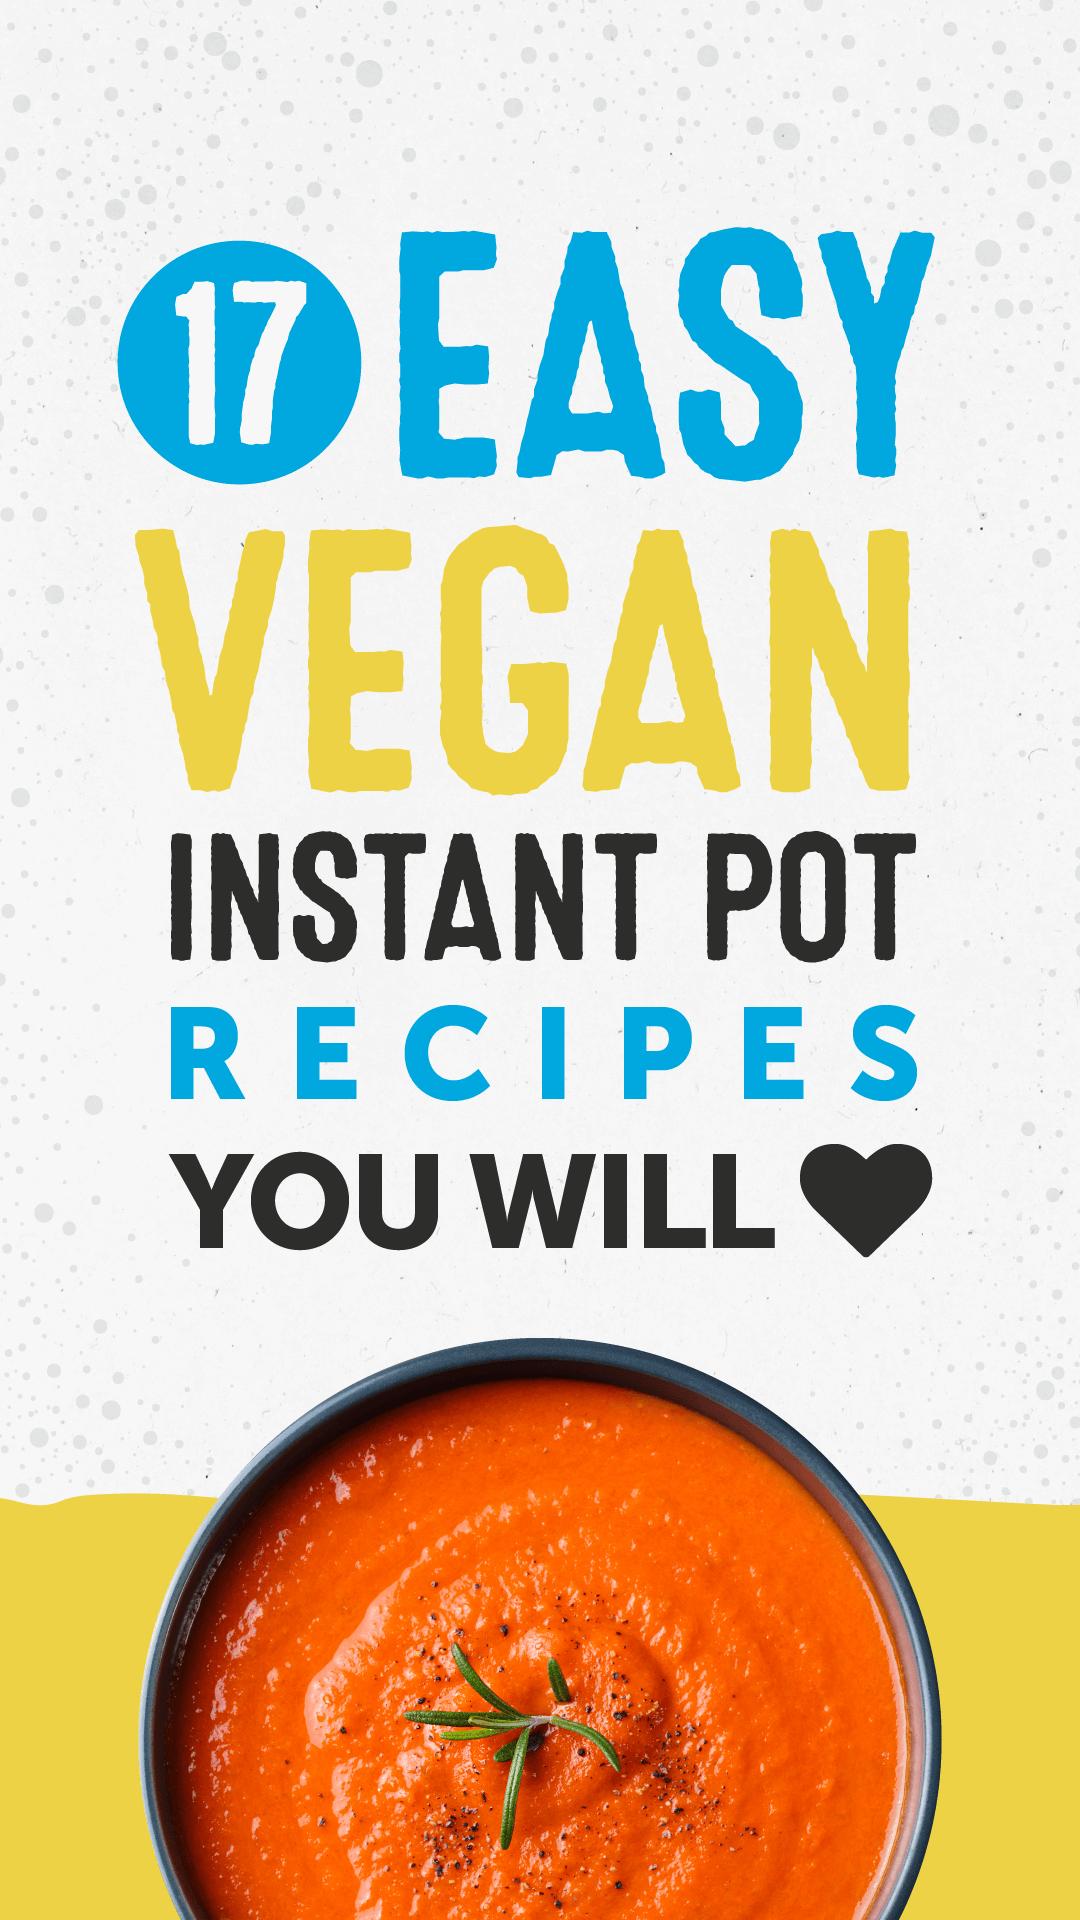 17 Easy Vegan Instant Pot Recipes You'll Love